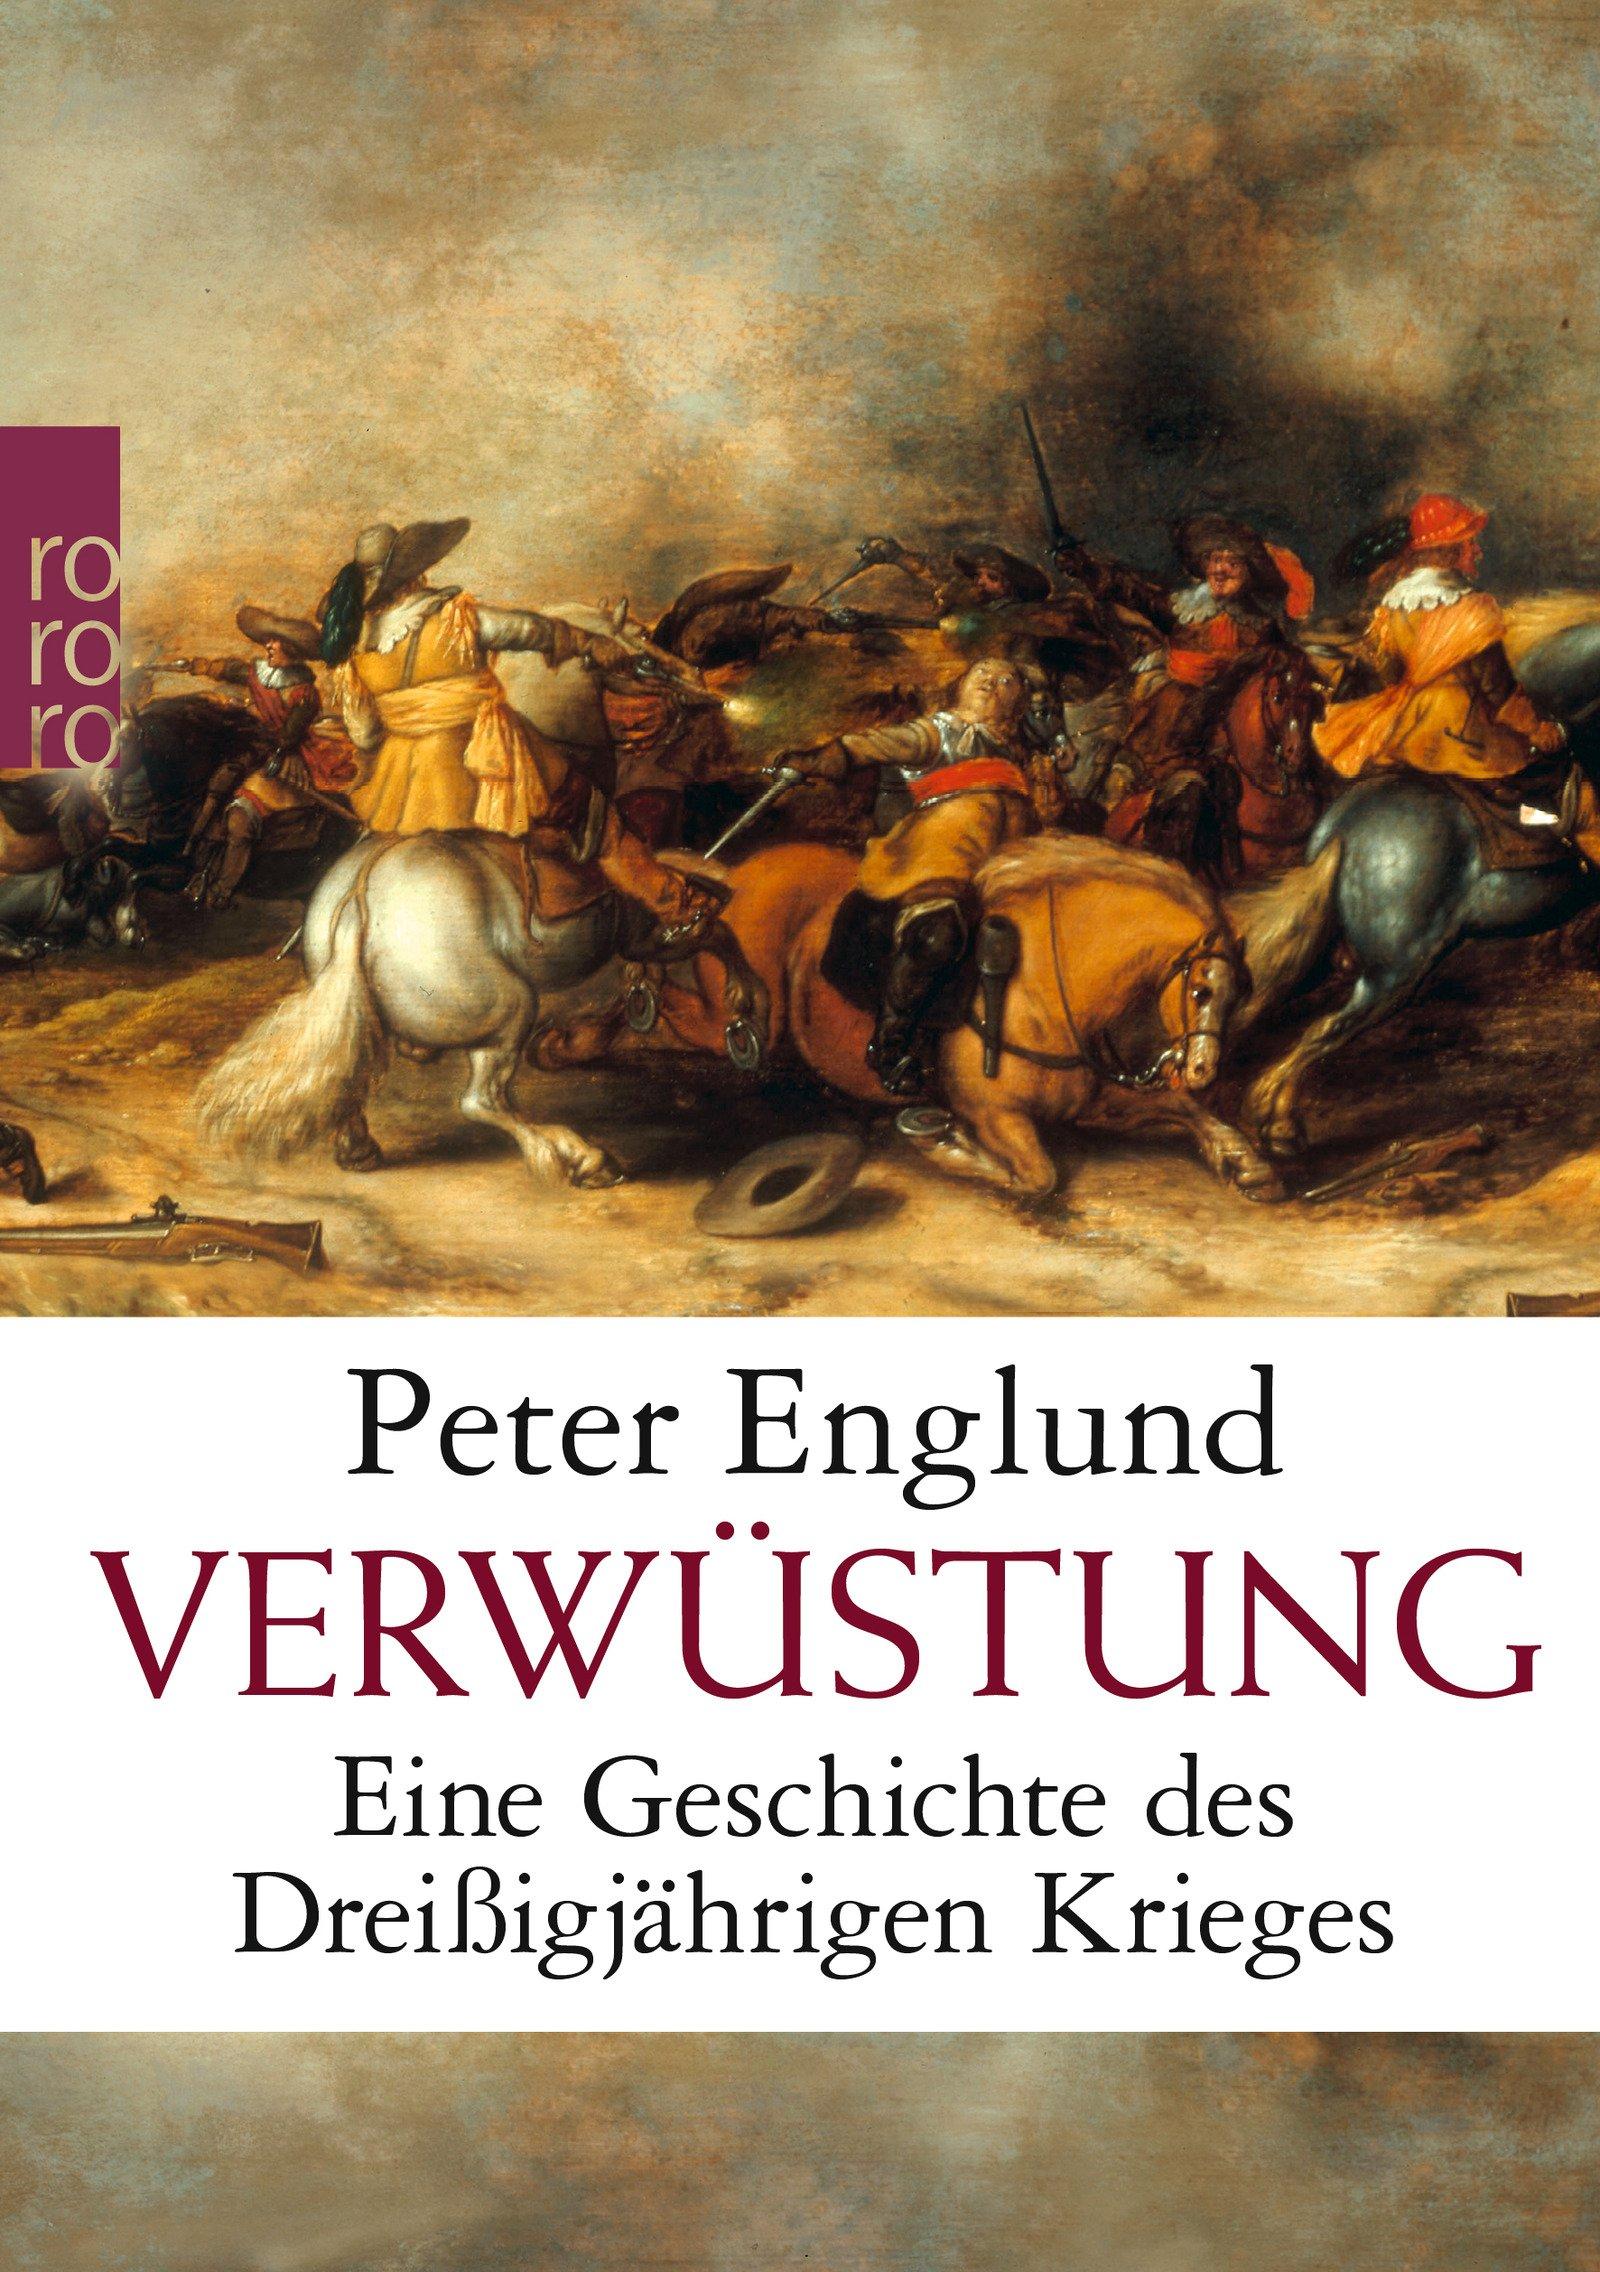 Verwüstung: Eine Geschichte des Dreißigjährigen Krieges Taschenbuch – 2. April 2013 Peter Englund Wolfgang Butt Rowohlt Taschenbuch 349962768X